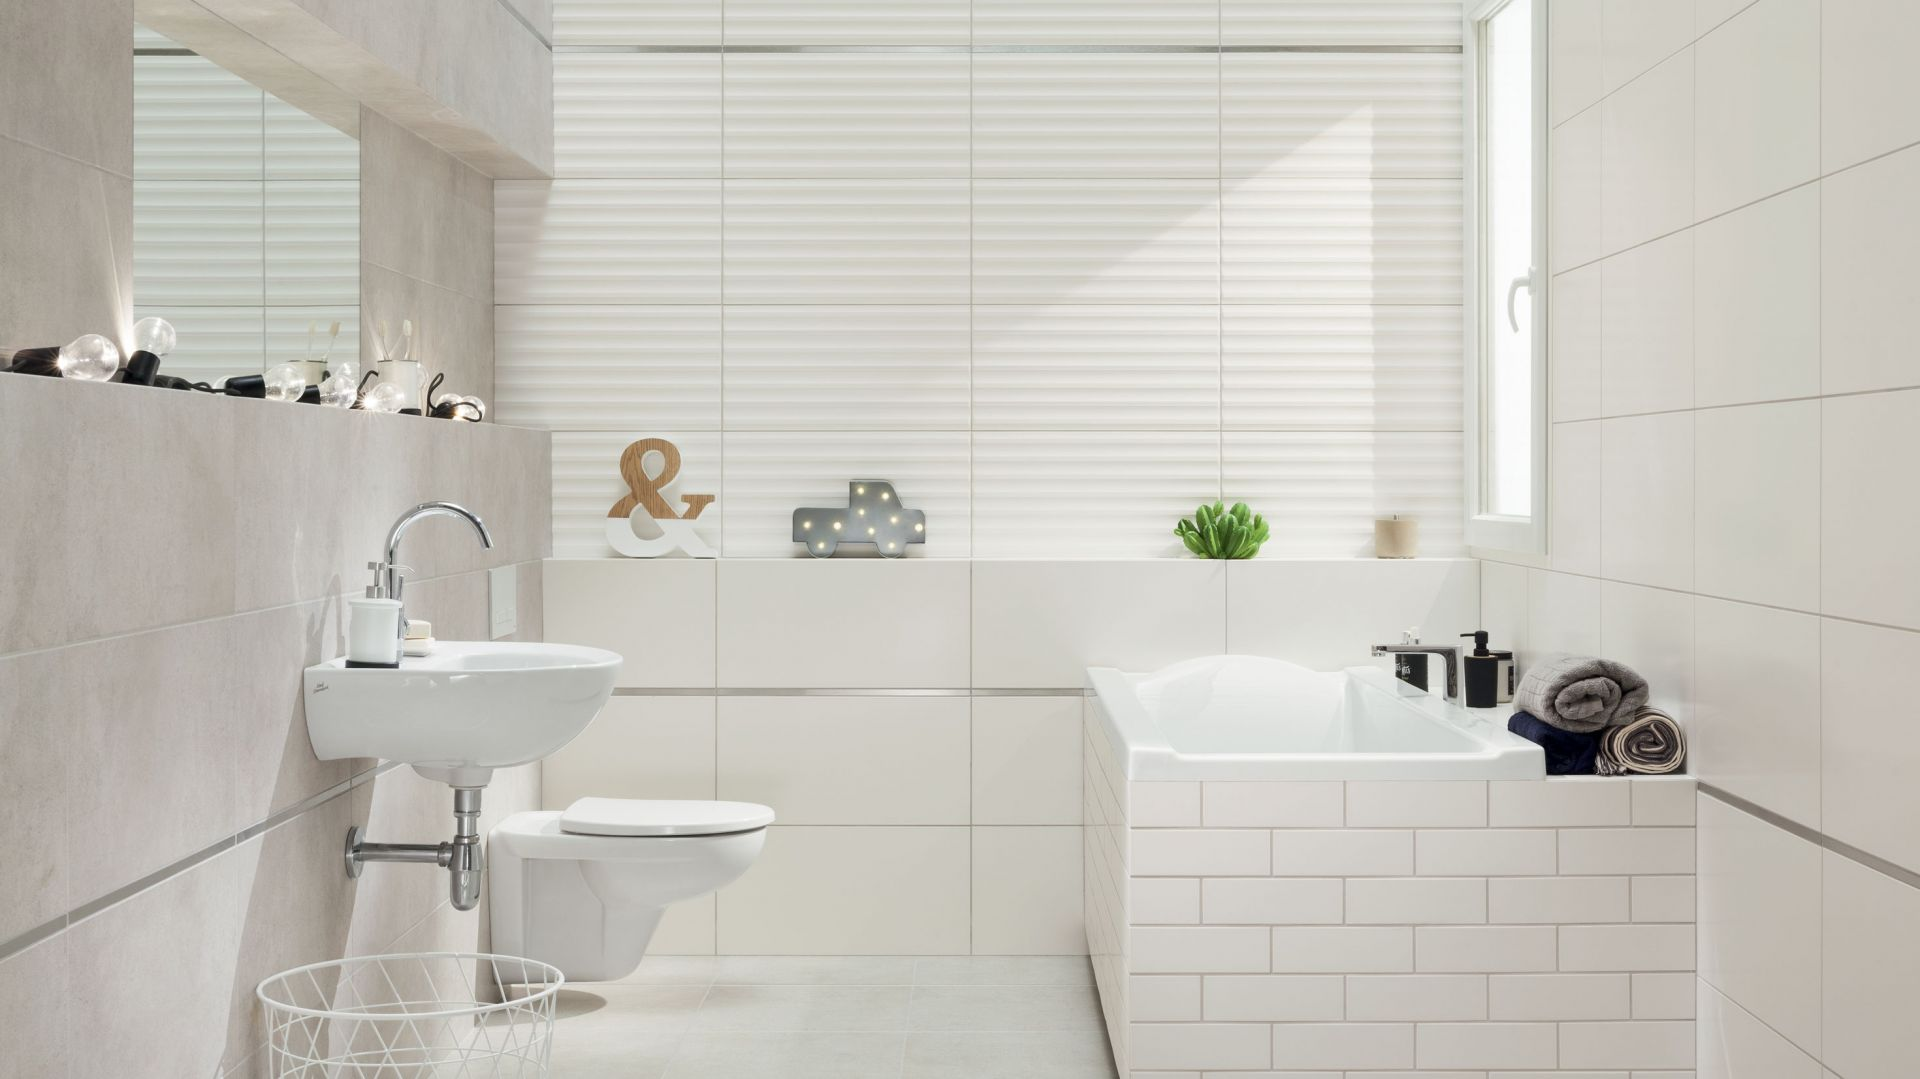 Aranżacja łazienki z płytkami z kolekcji Burano: styl klasyczny. Fot. Ceramika Domino